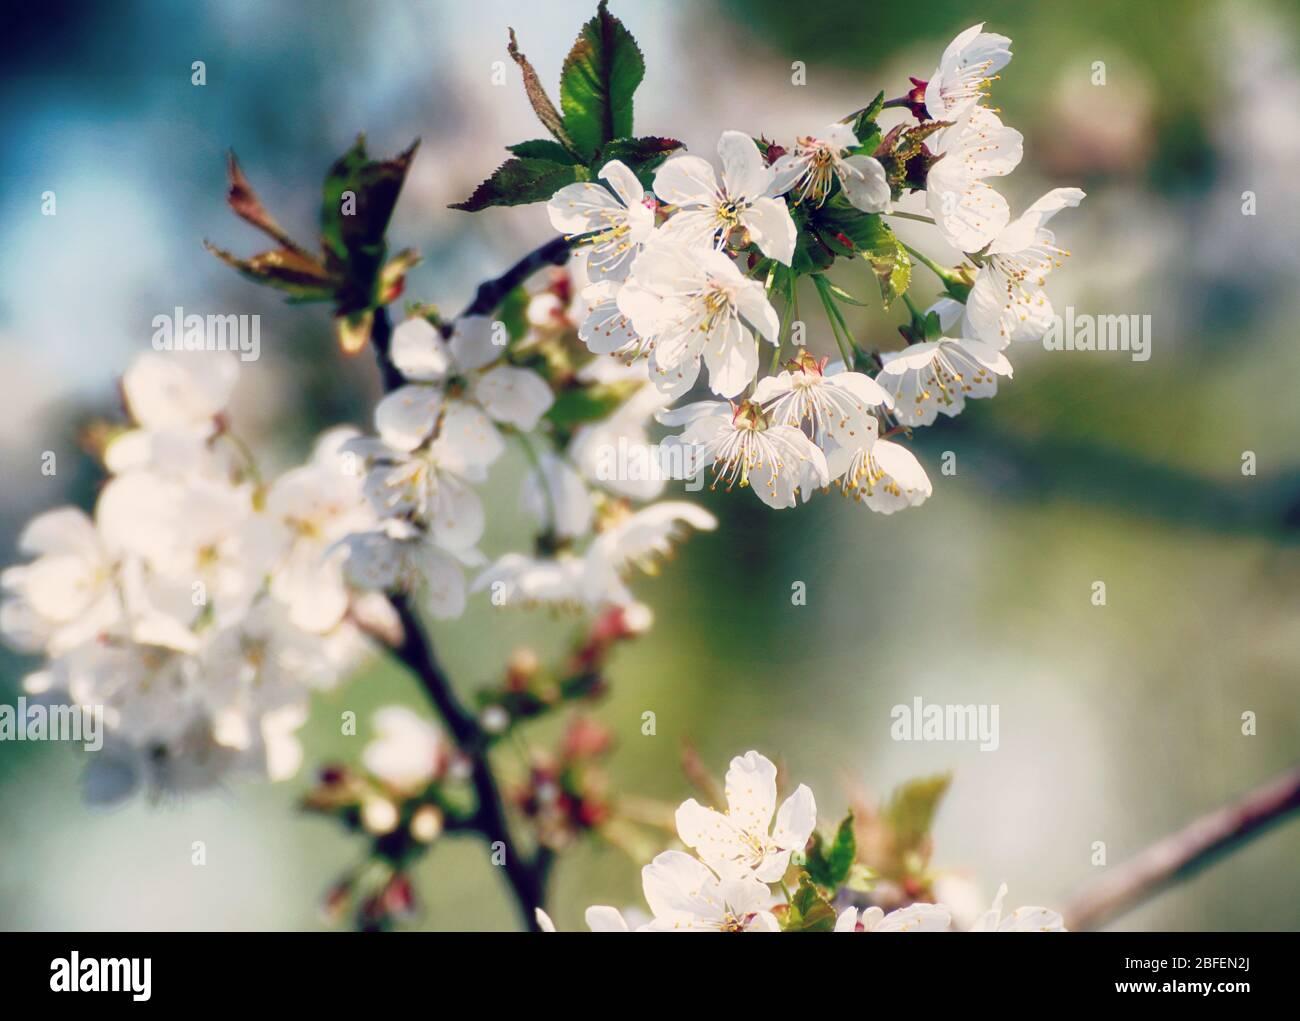 Printemps dans le Bayern, avril apporte des fleurs blanches sur les pommiers contre le ciel bleu, gros plan, doux foyer Banque D'Images